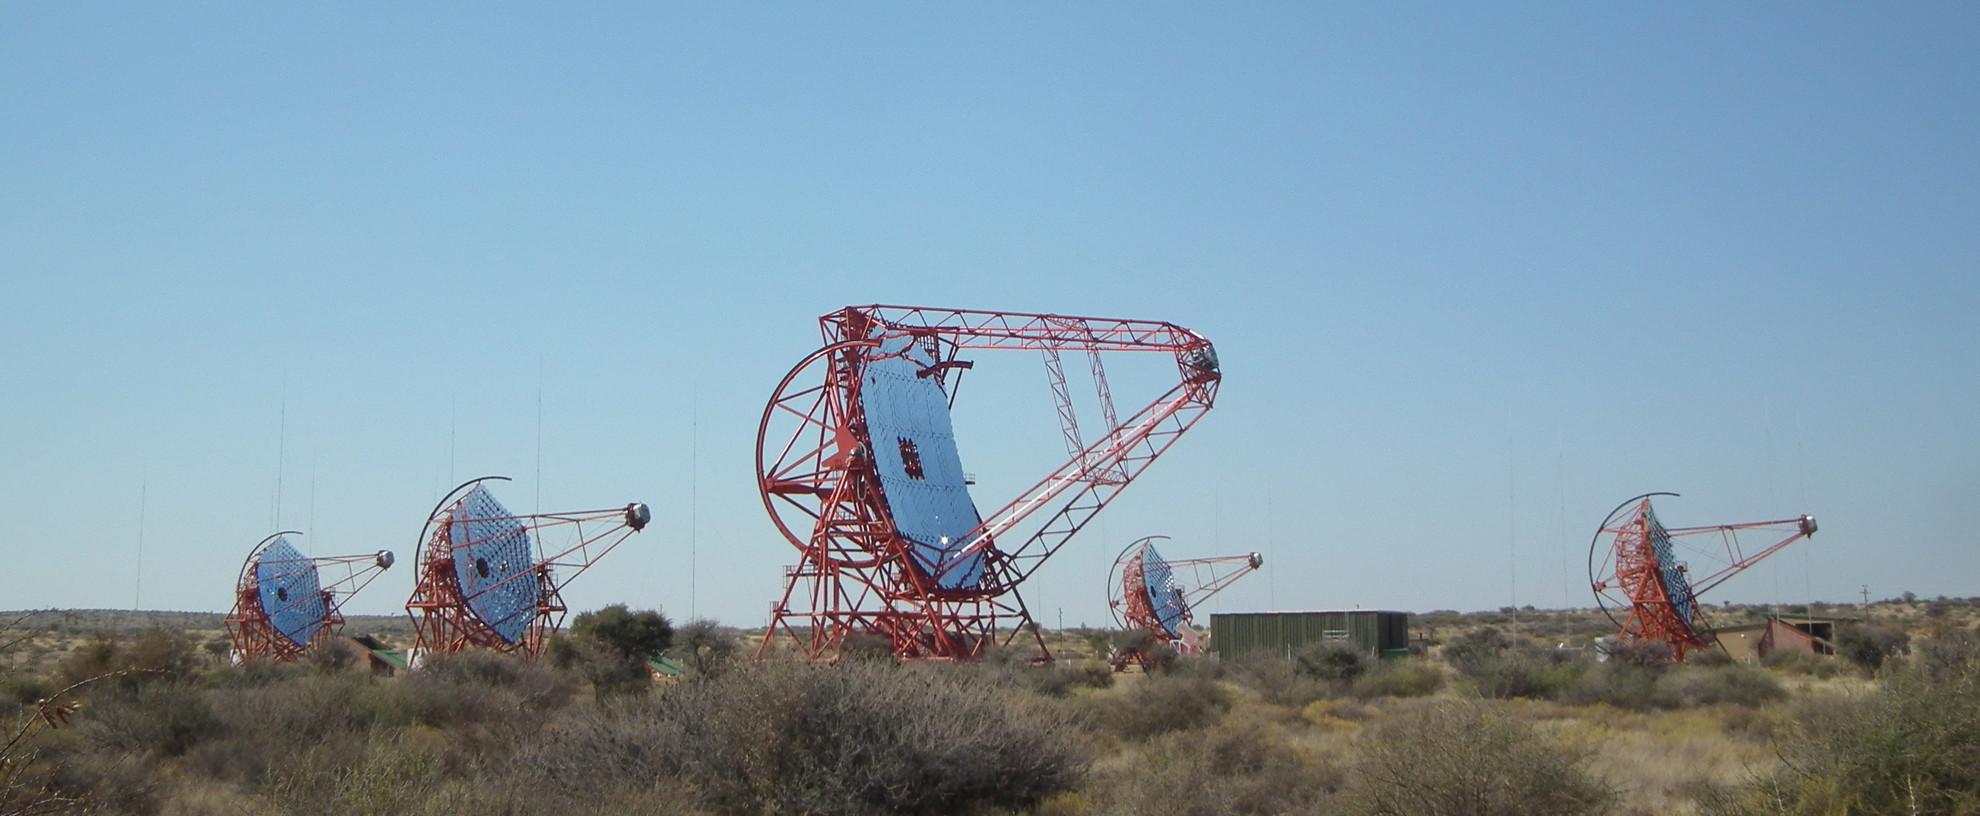 Le réseau HESS en Namibie pour l'étude des rayons gamma - Droits : H.E.S.S. Collaboration/Arnim Balzer